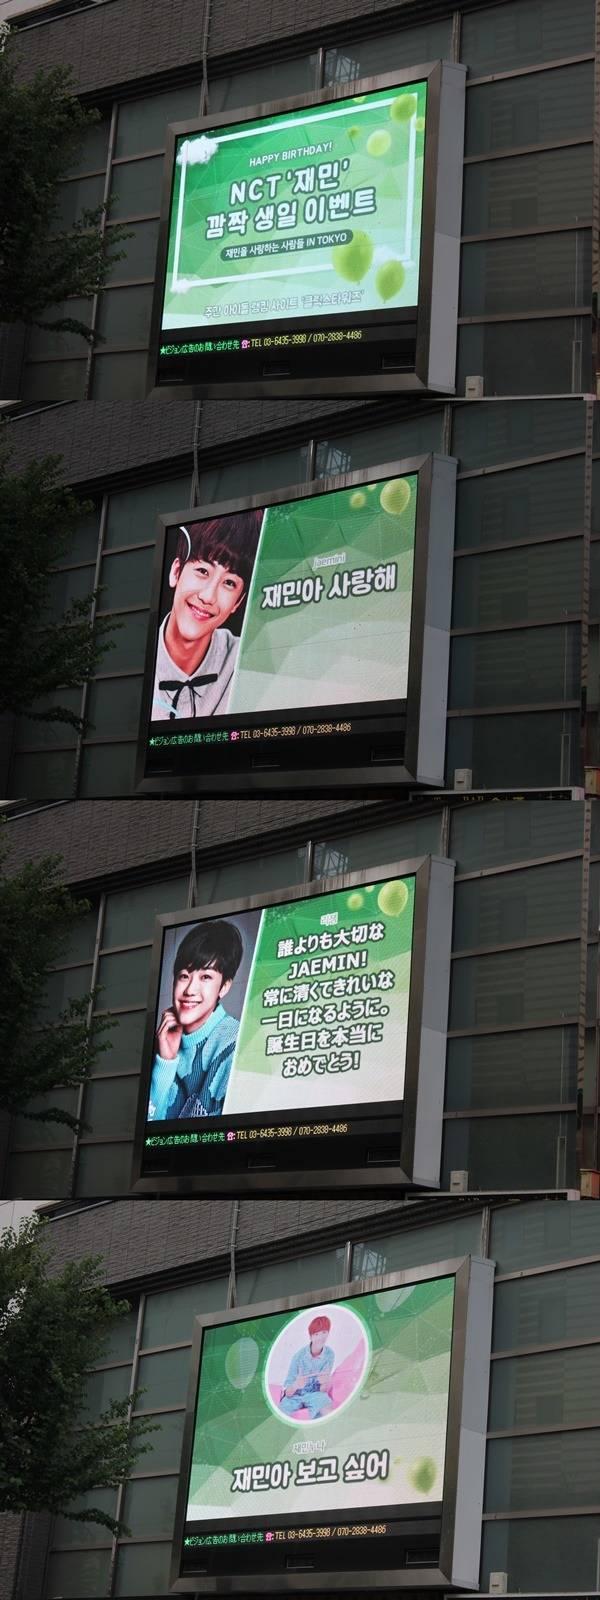 東京・新大久保電光掲示板で上映した動画の様子。 写真:Click! StarWars